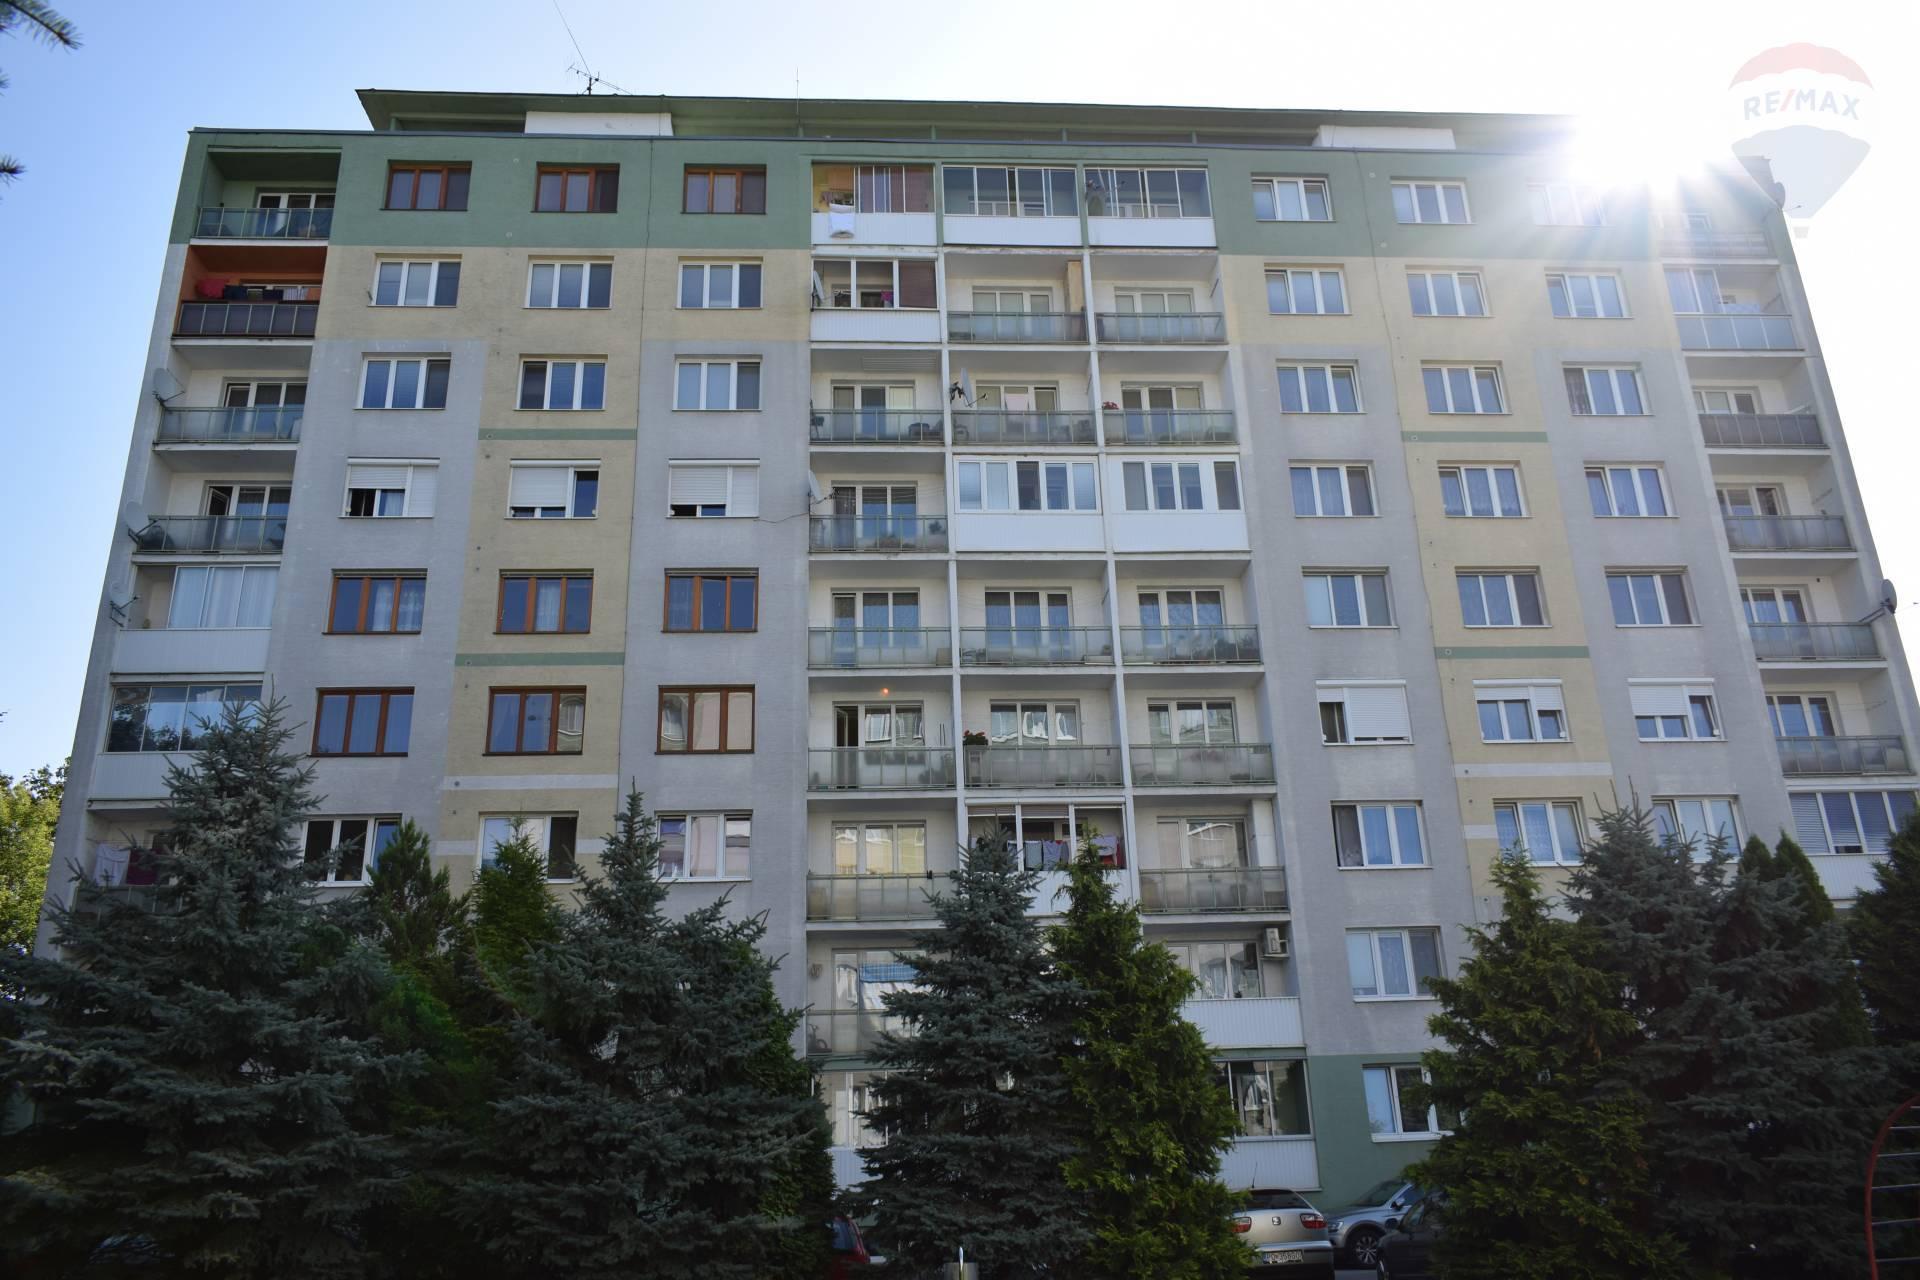 Na predaj 3 izbový byt na Sídlisku II v Prešove na ulici Obrancov mieru